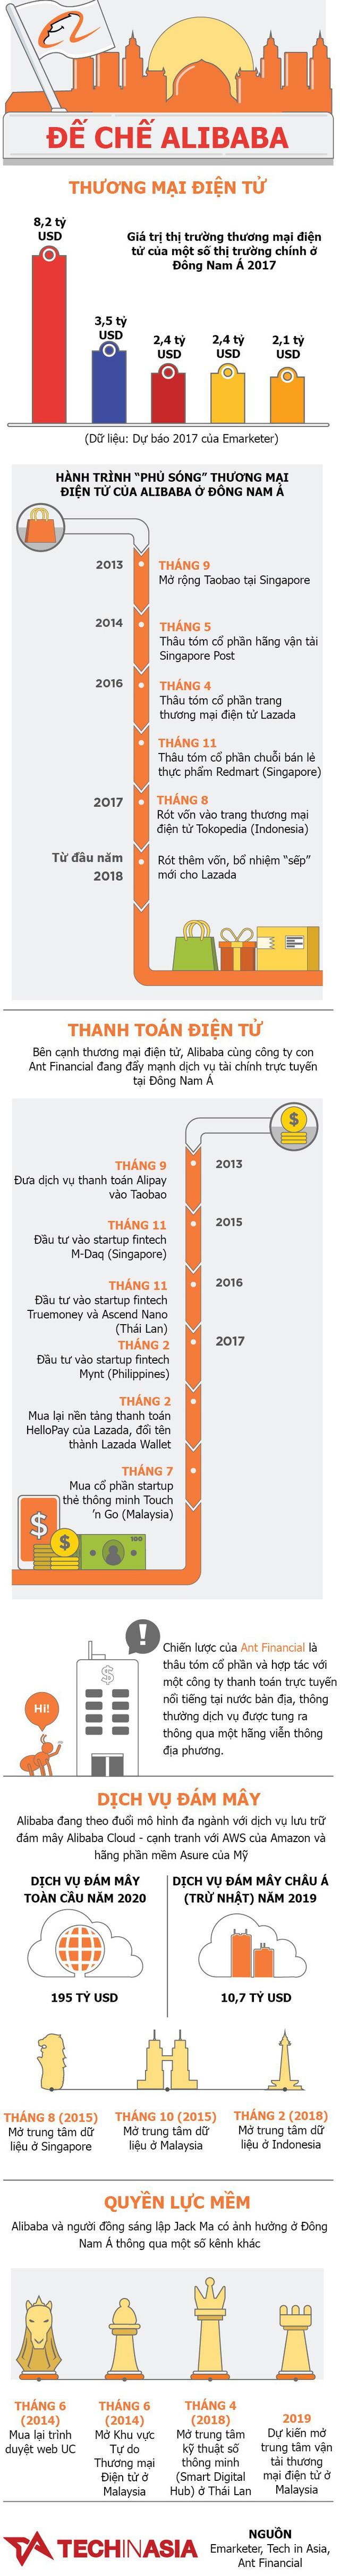 Alibaba đang bành trướng ở Đông Nam Á như thế nào? - Ảnh 1.